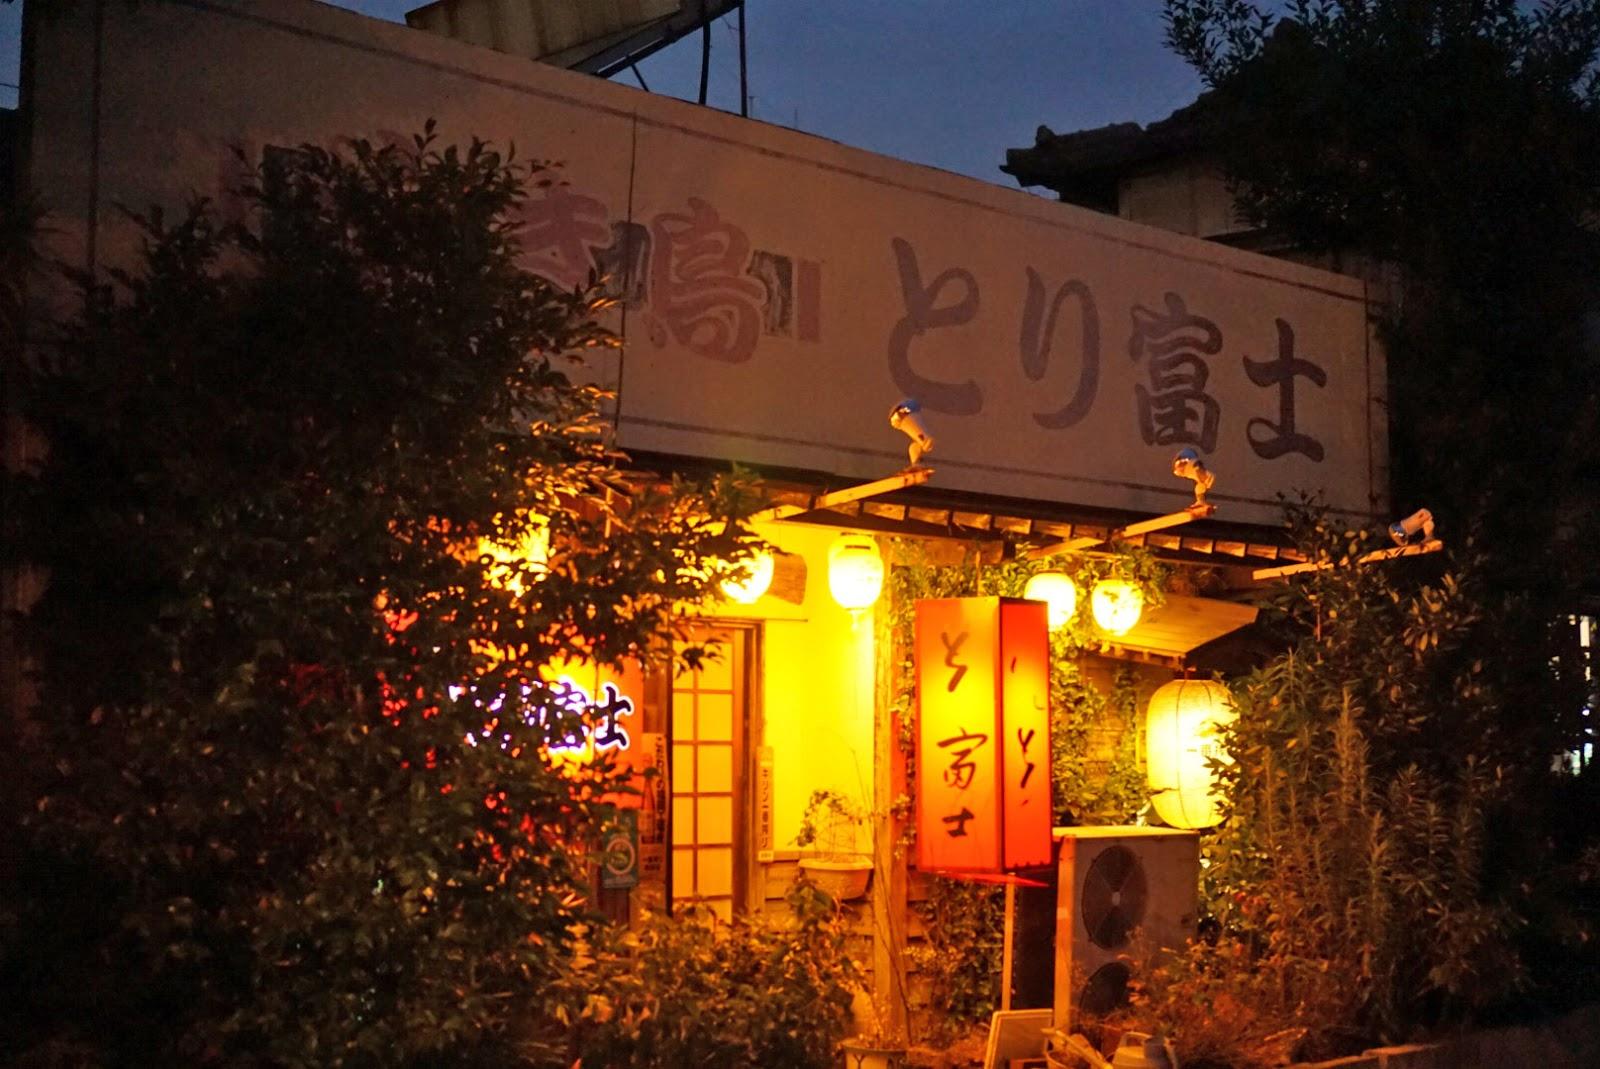 大川市おすすめの居酒屋とり富士!ダルム美味すぎ。しかも安い! - 父ちゃんの日々ログ